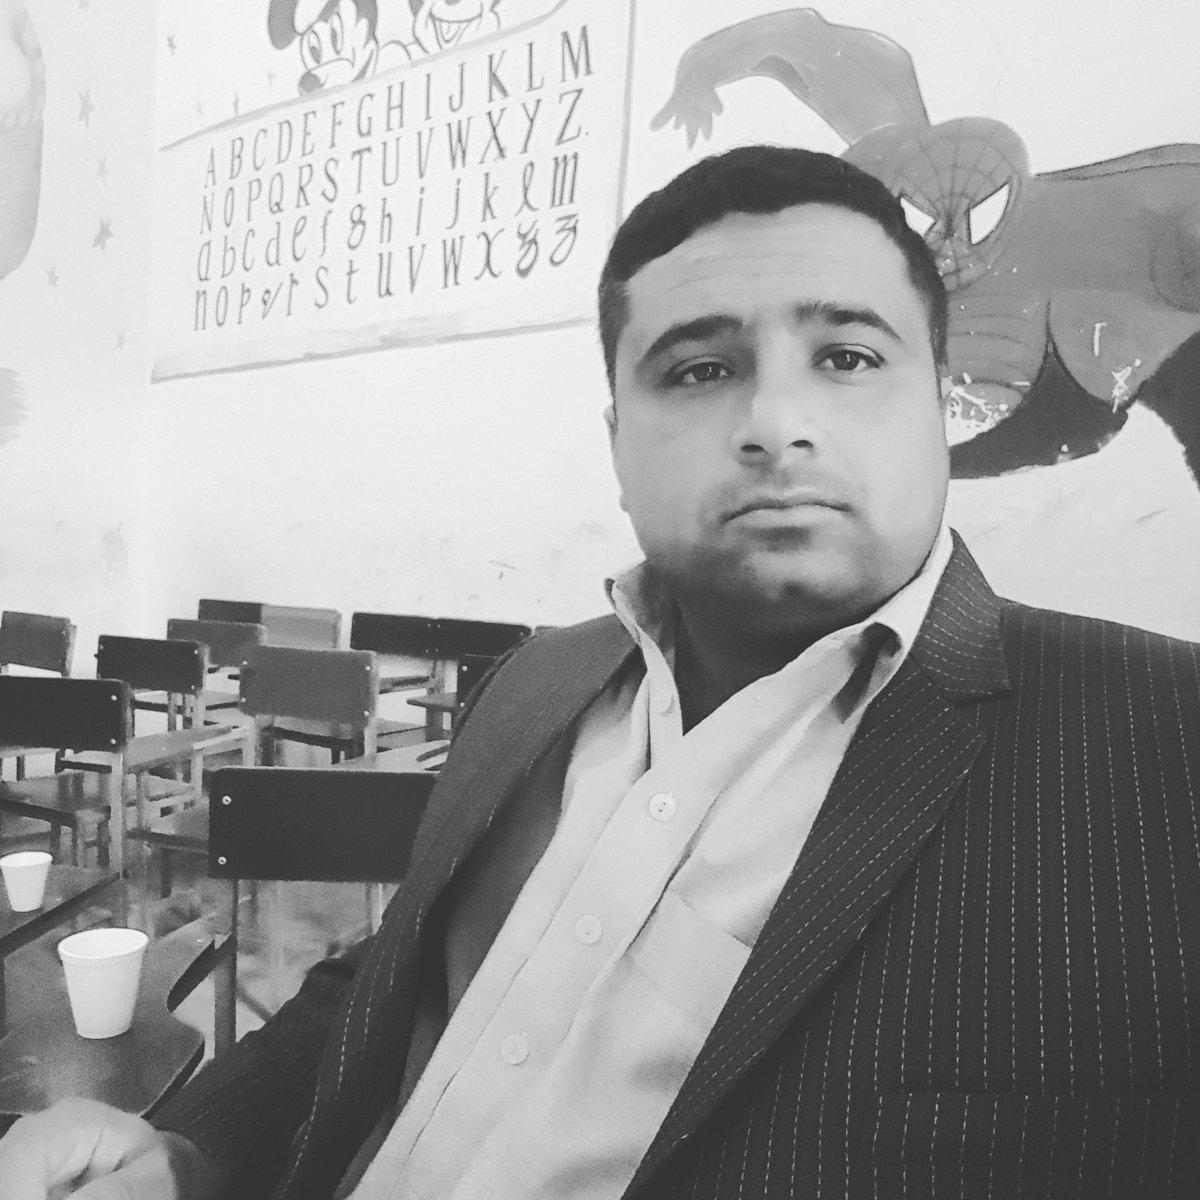 Muhammad Yamin Yaminkhan334 Twitter